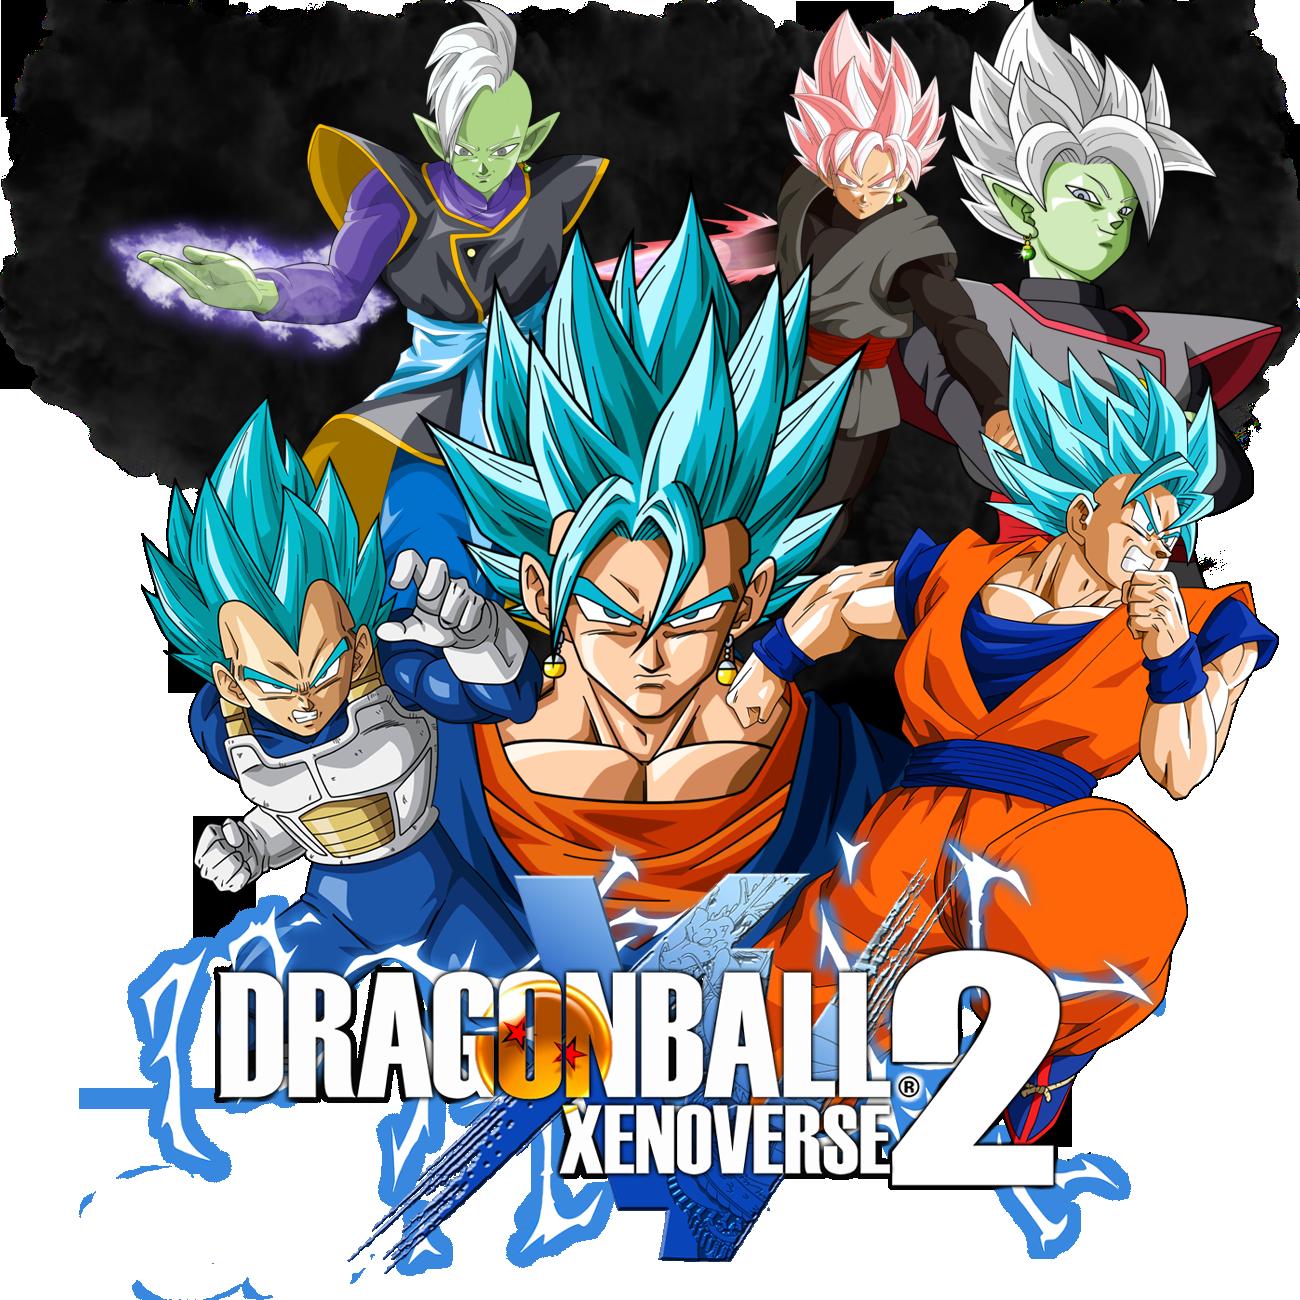 Dragon Ball Xenoverse 2 Zamasu Arc By MasouOji On DeviantArt